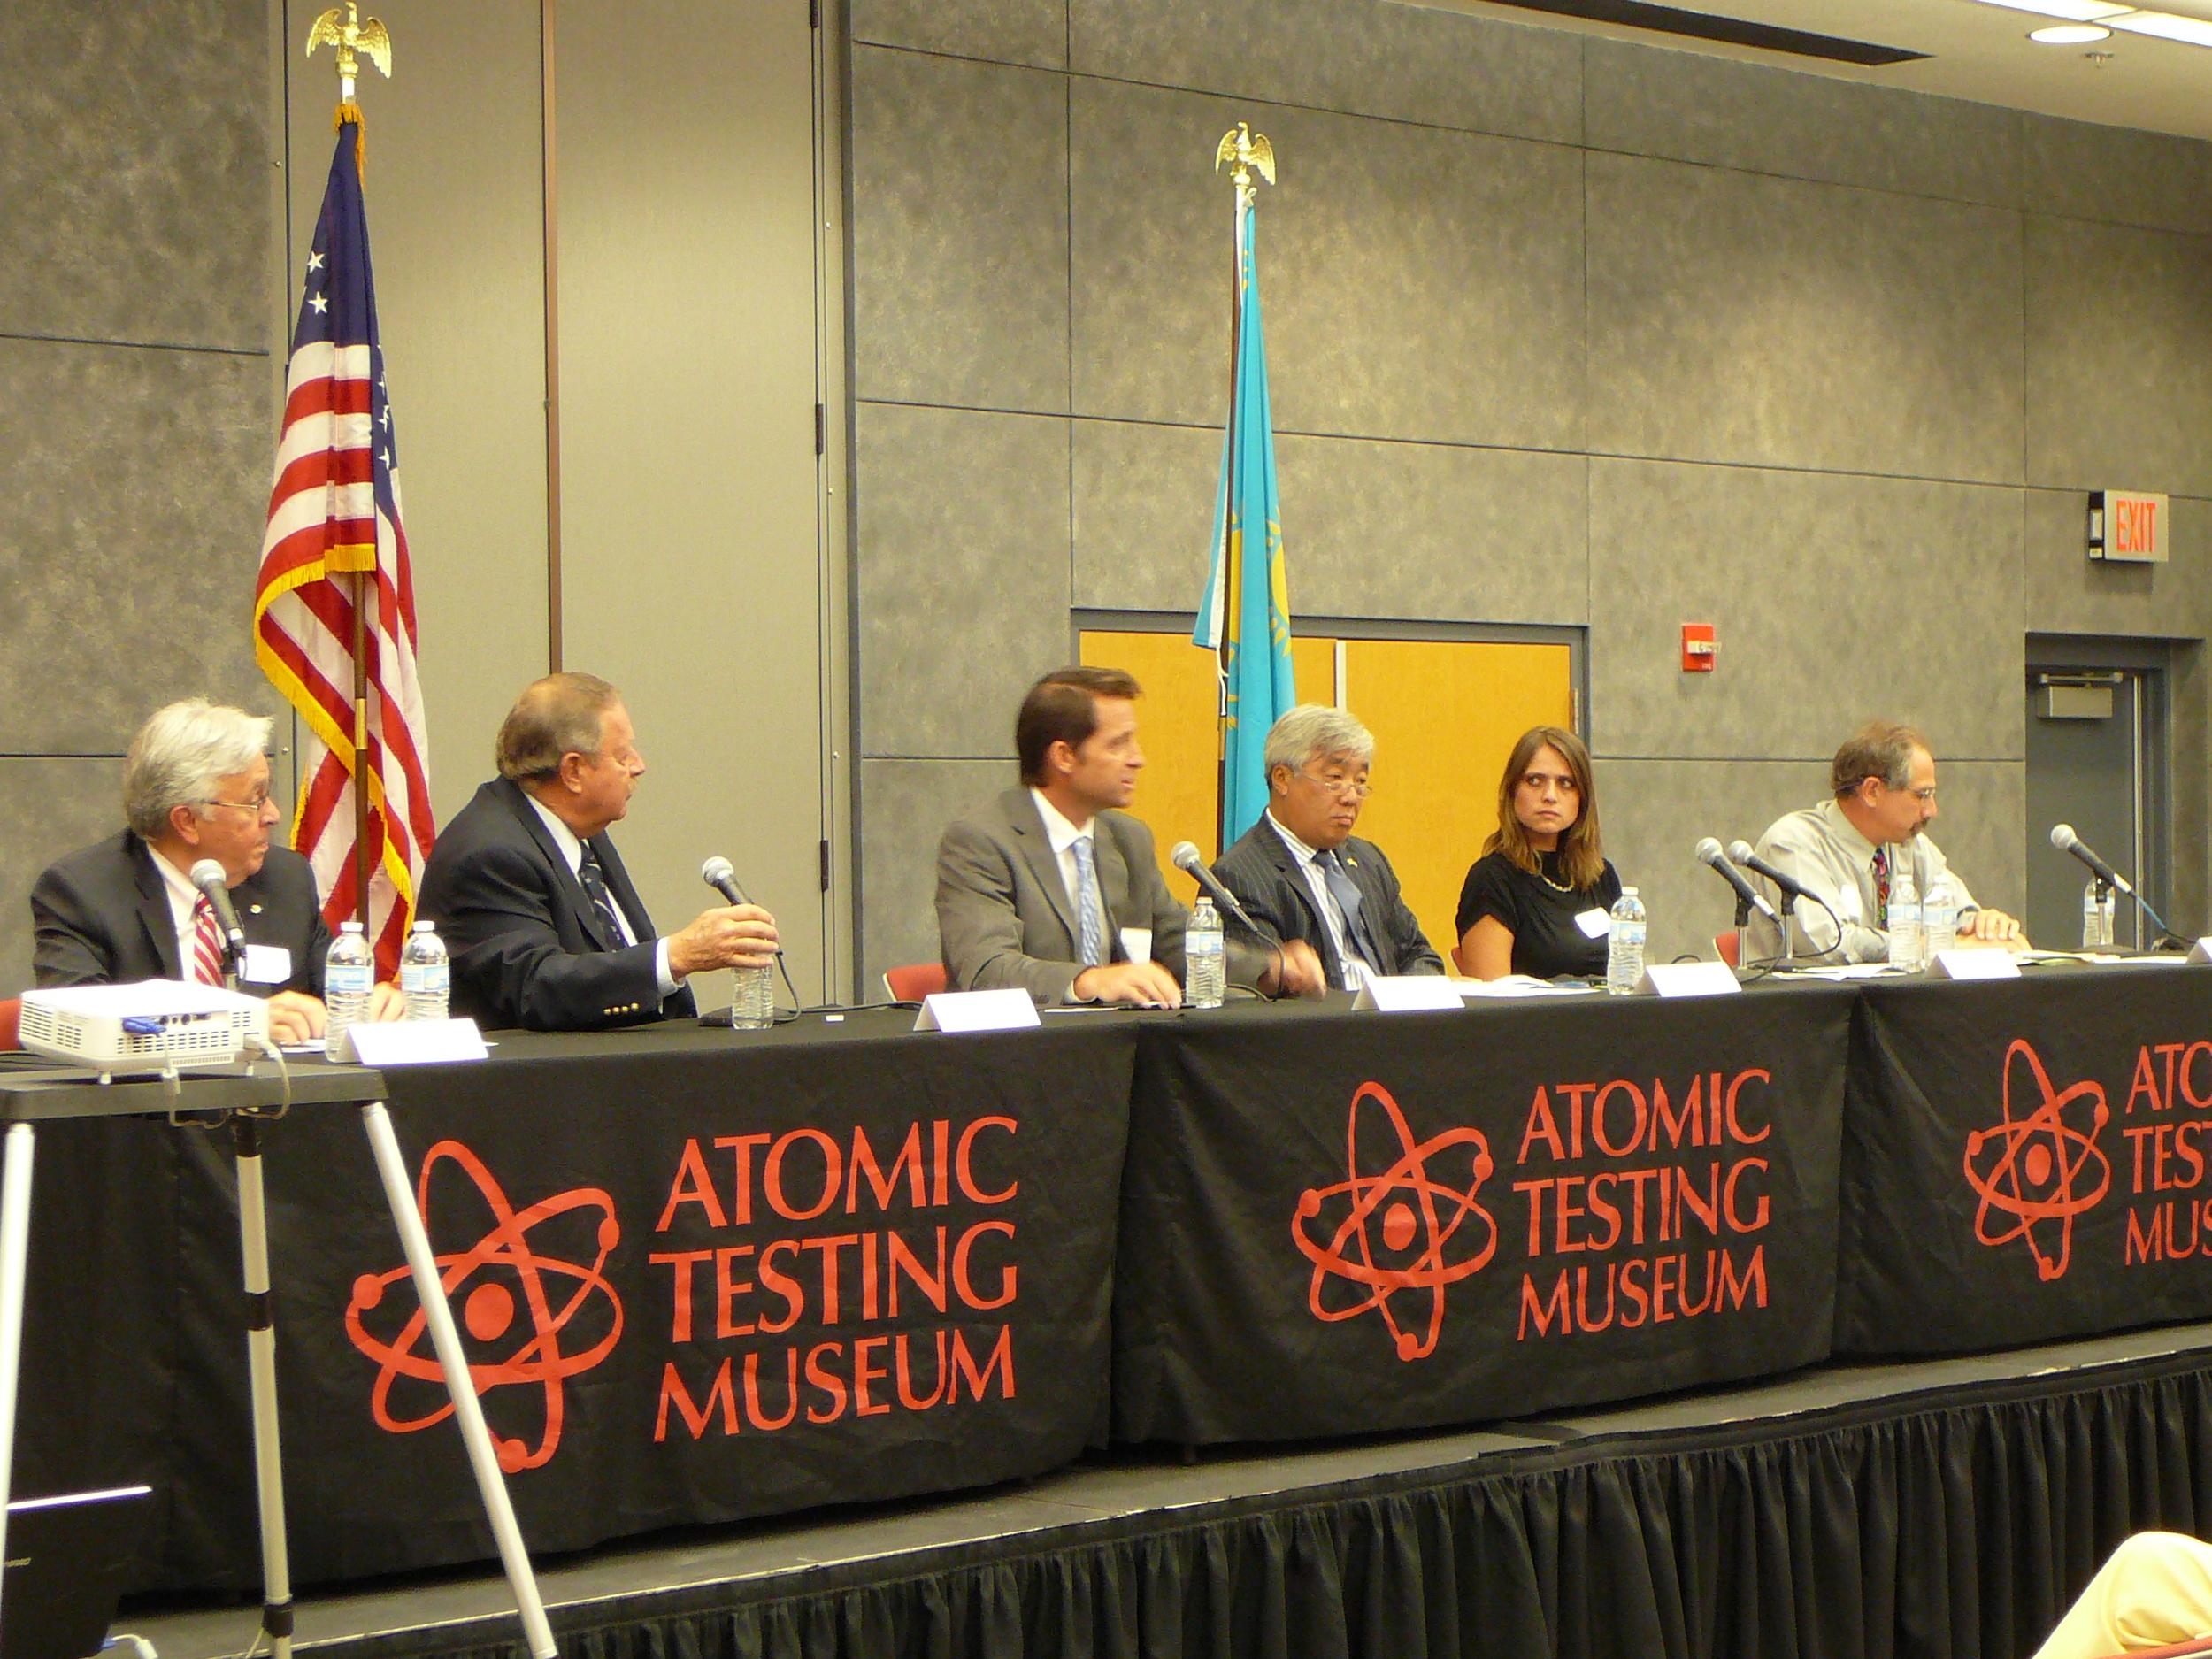 bl_atomic_testing_museum_panel